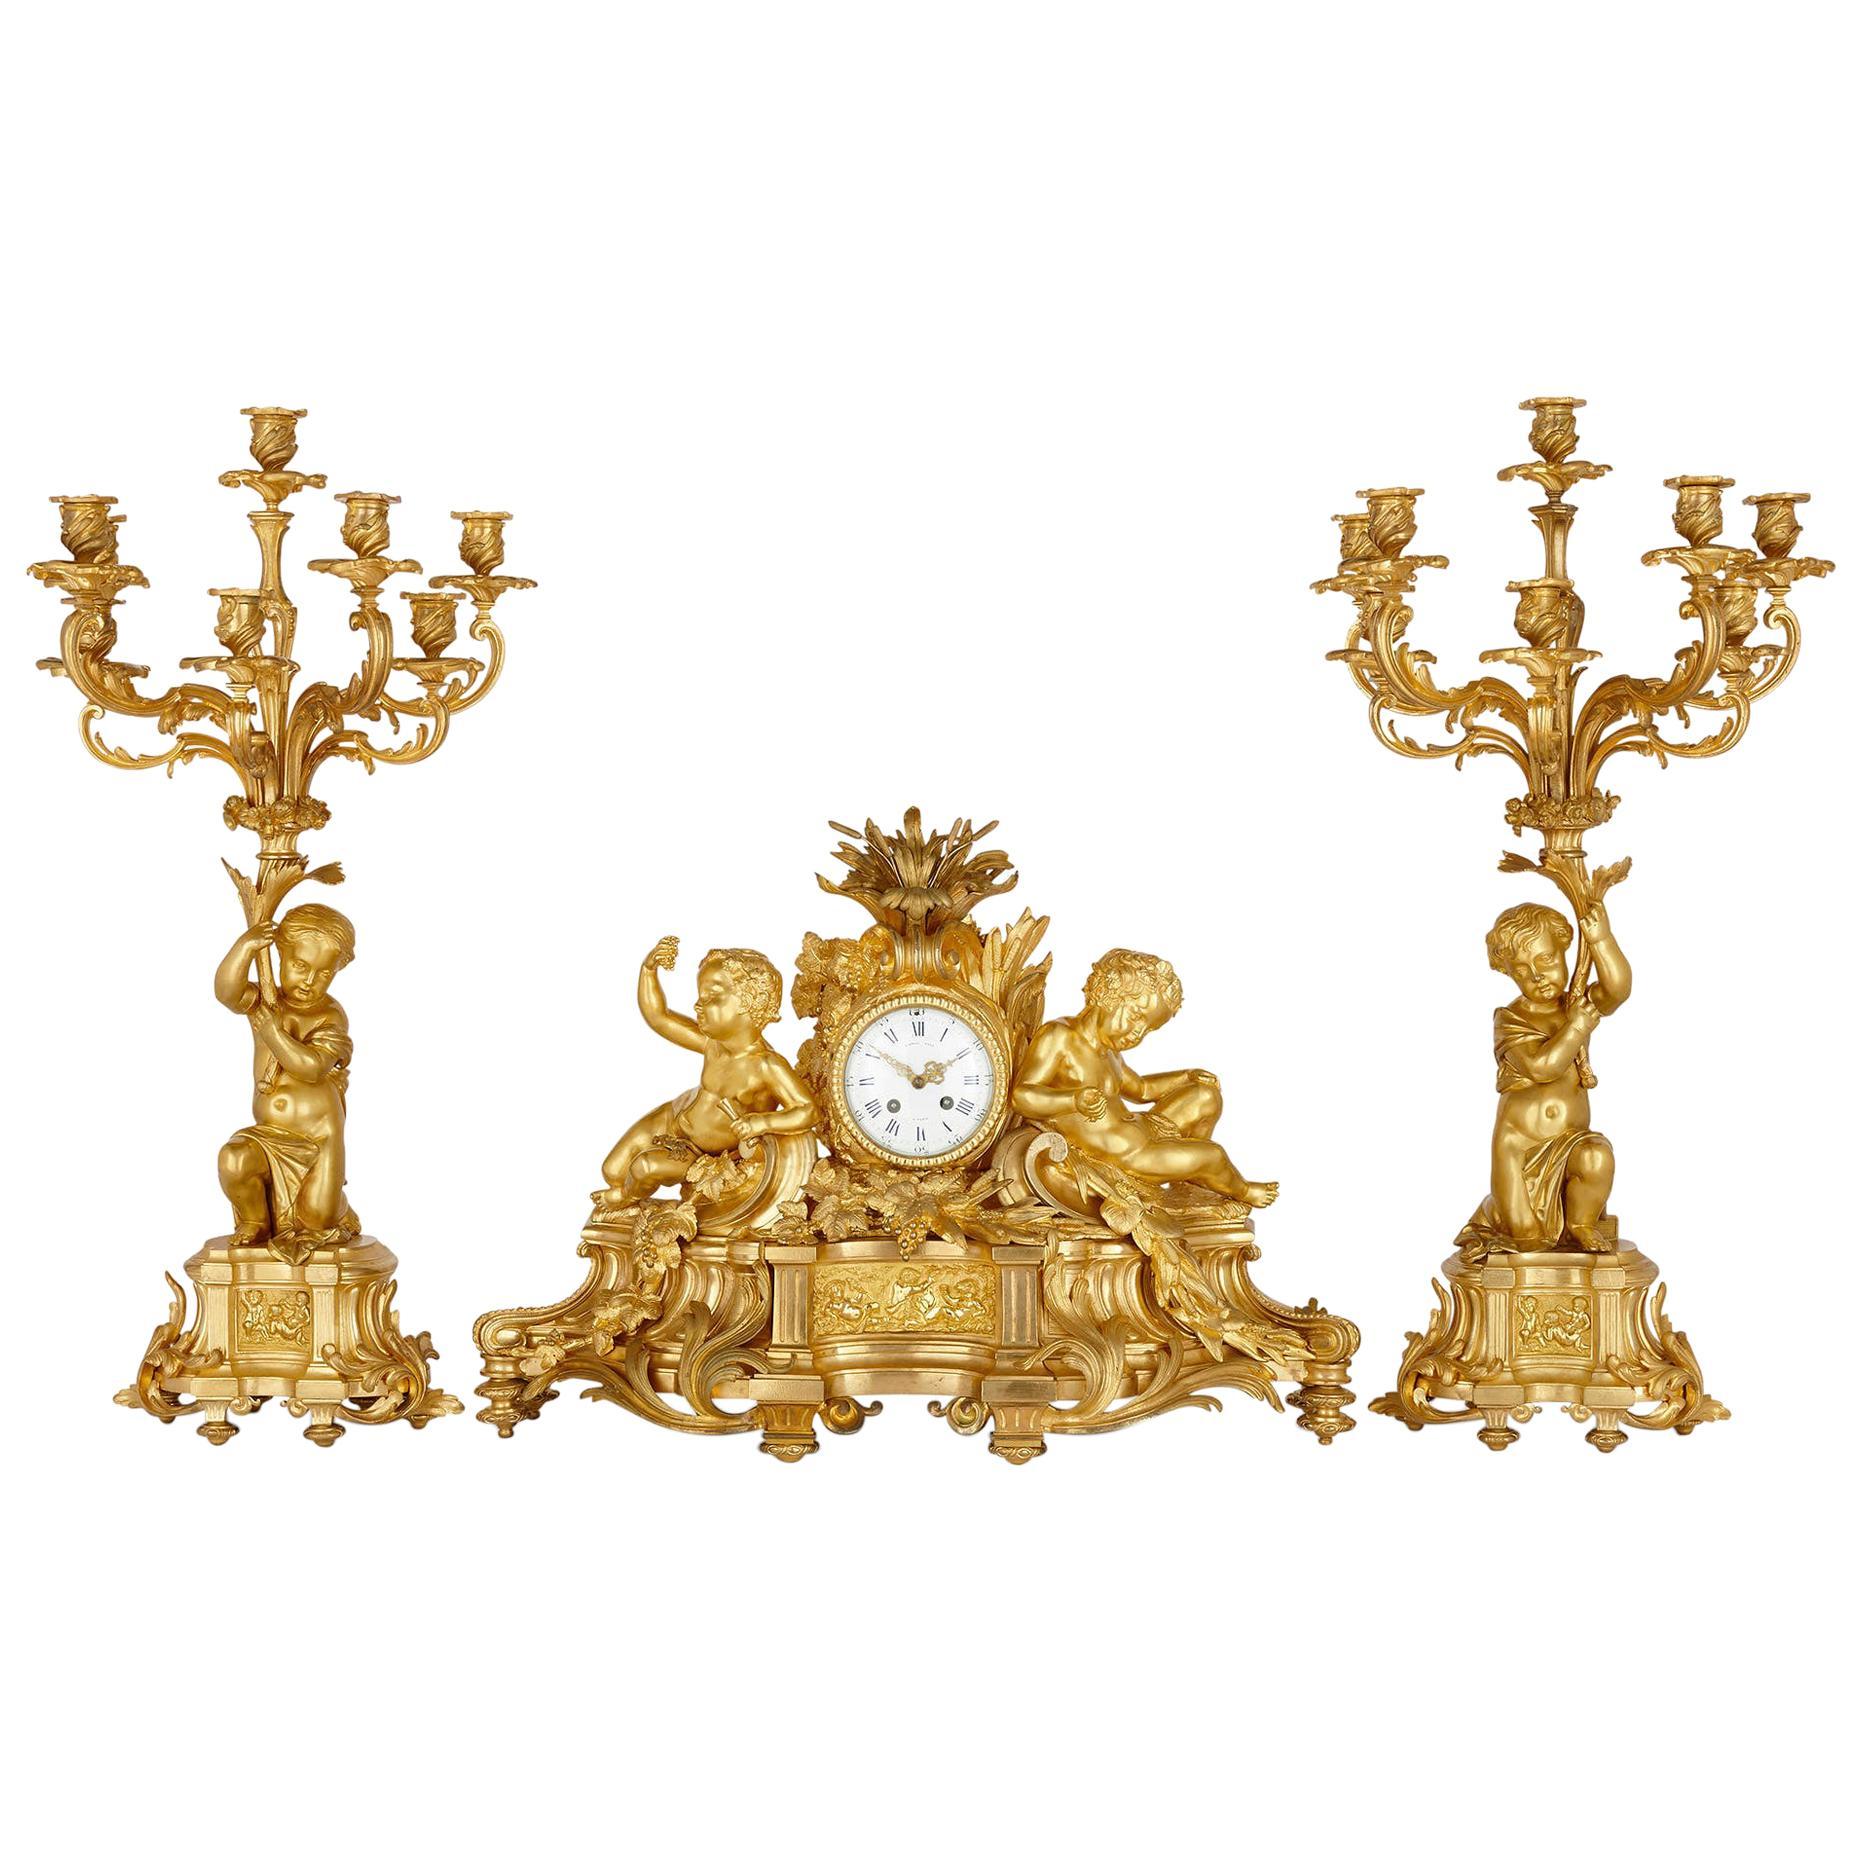 Gilt Bronze Three-Piece Clock Set by Raingo Frères and Henri Picard